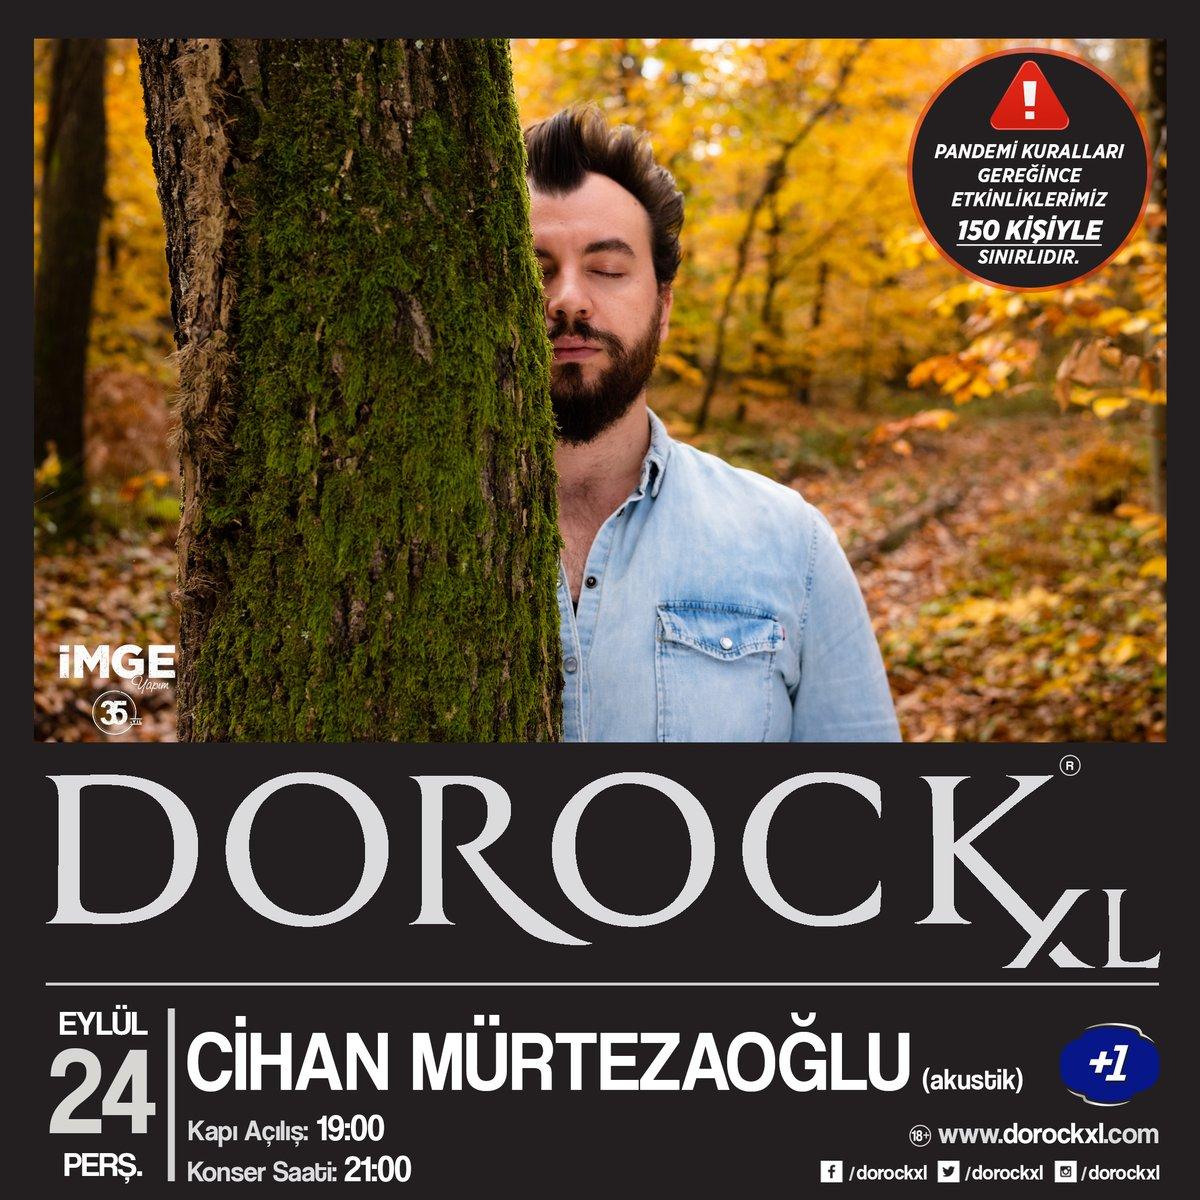 Cihan Mürtezaoğlu, akustik performansıyla 24 Eylül Perşembe saat 21:00'de Dorock XL'ta! Sınırlı sayıda biletler Biletix ve Dorock XL gişelerinde.   ⚠️ Pandemi kuralları gereğince etkinliklerimiz 150 kişiyle sınırlıdır.    #DorockXL #DorockXLKadıköy #CihanMürtezaoğlu #artıbir https://t.co/s1d7yx4U0A